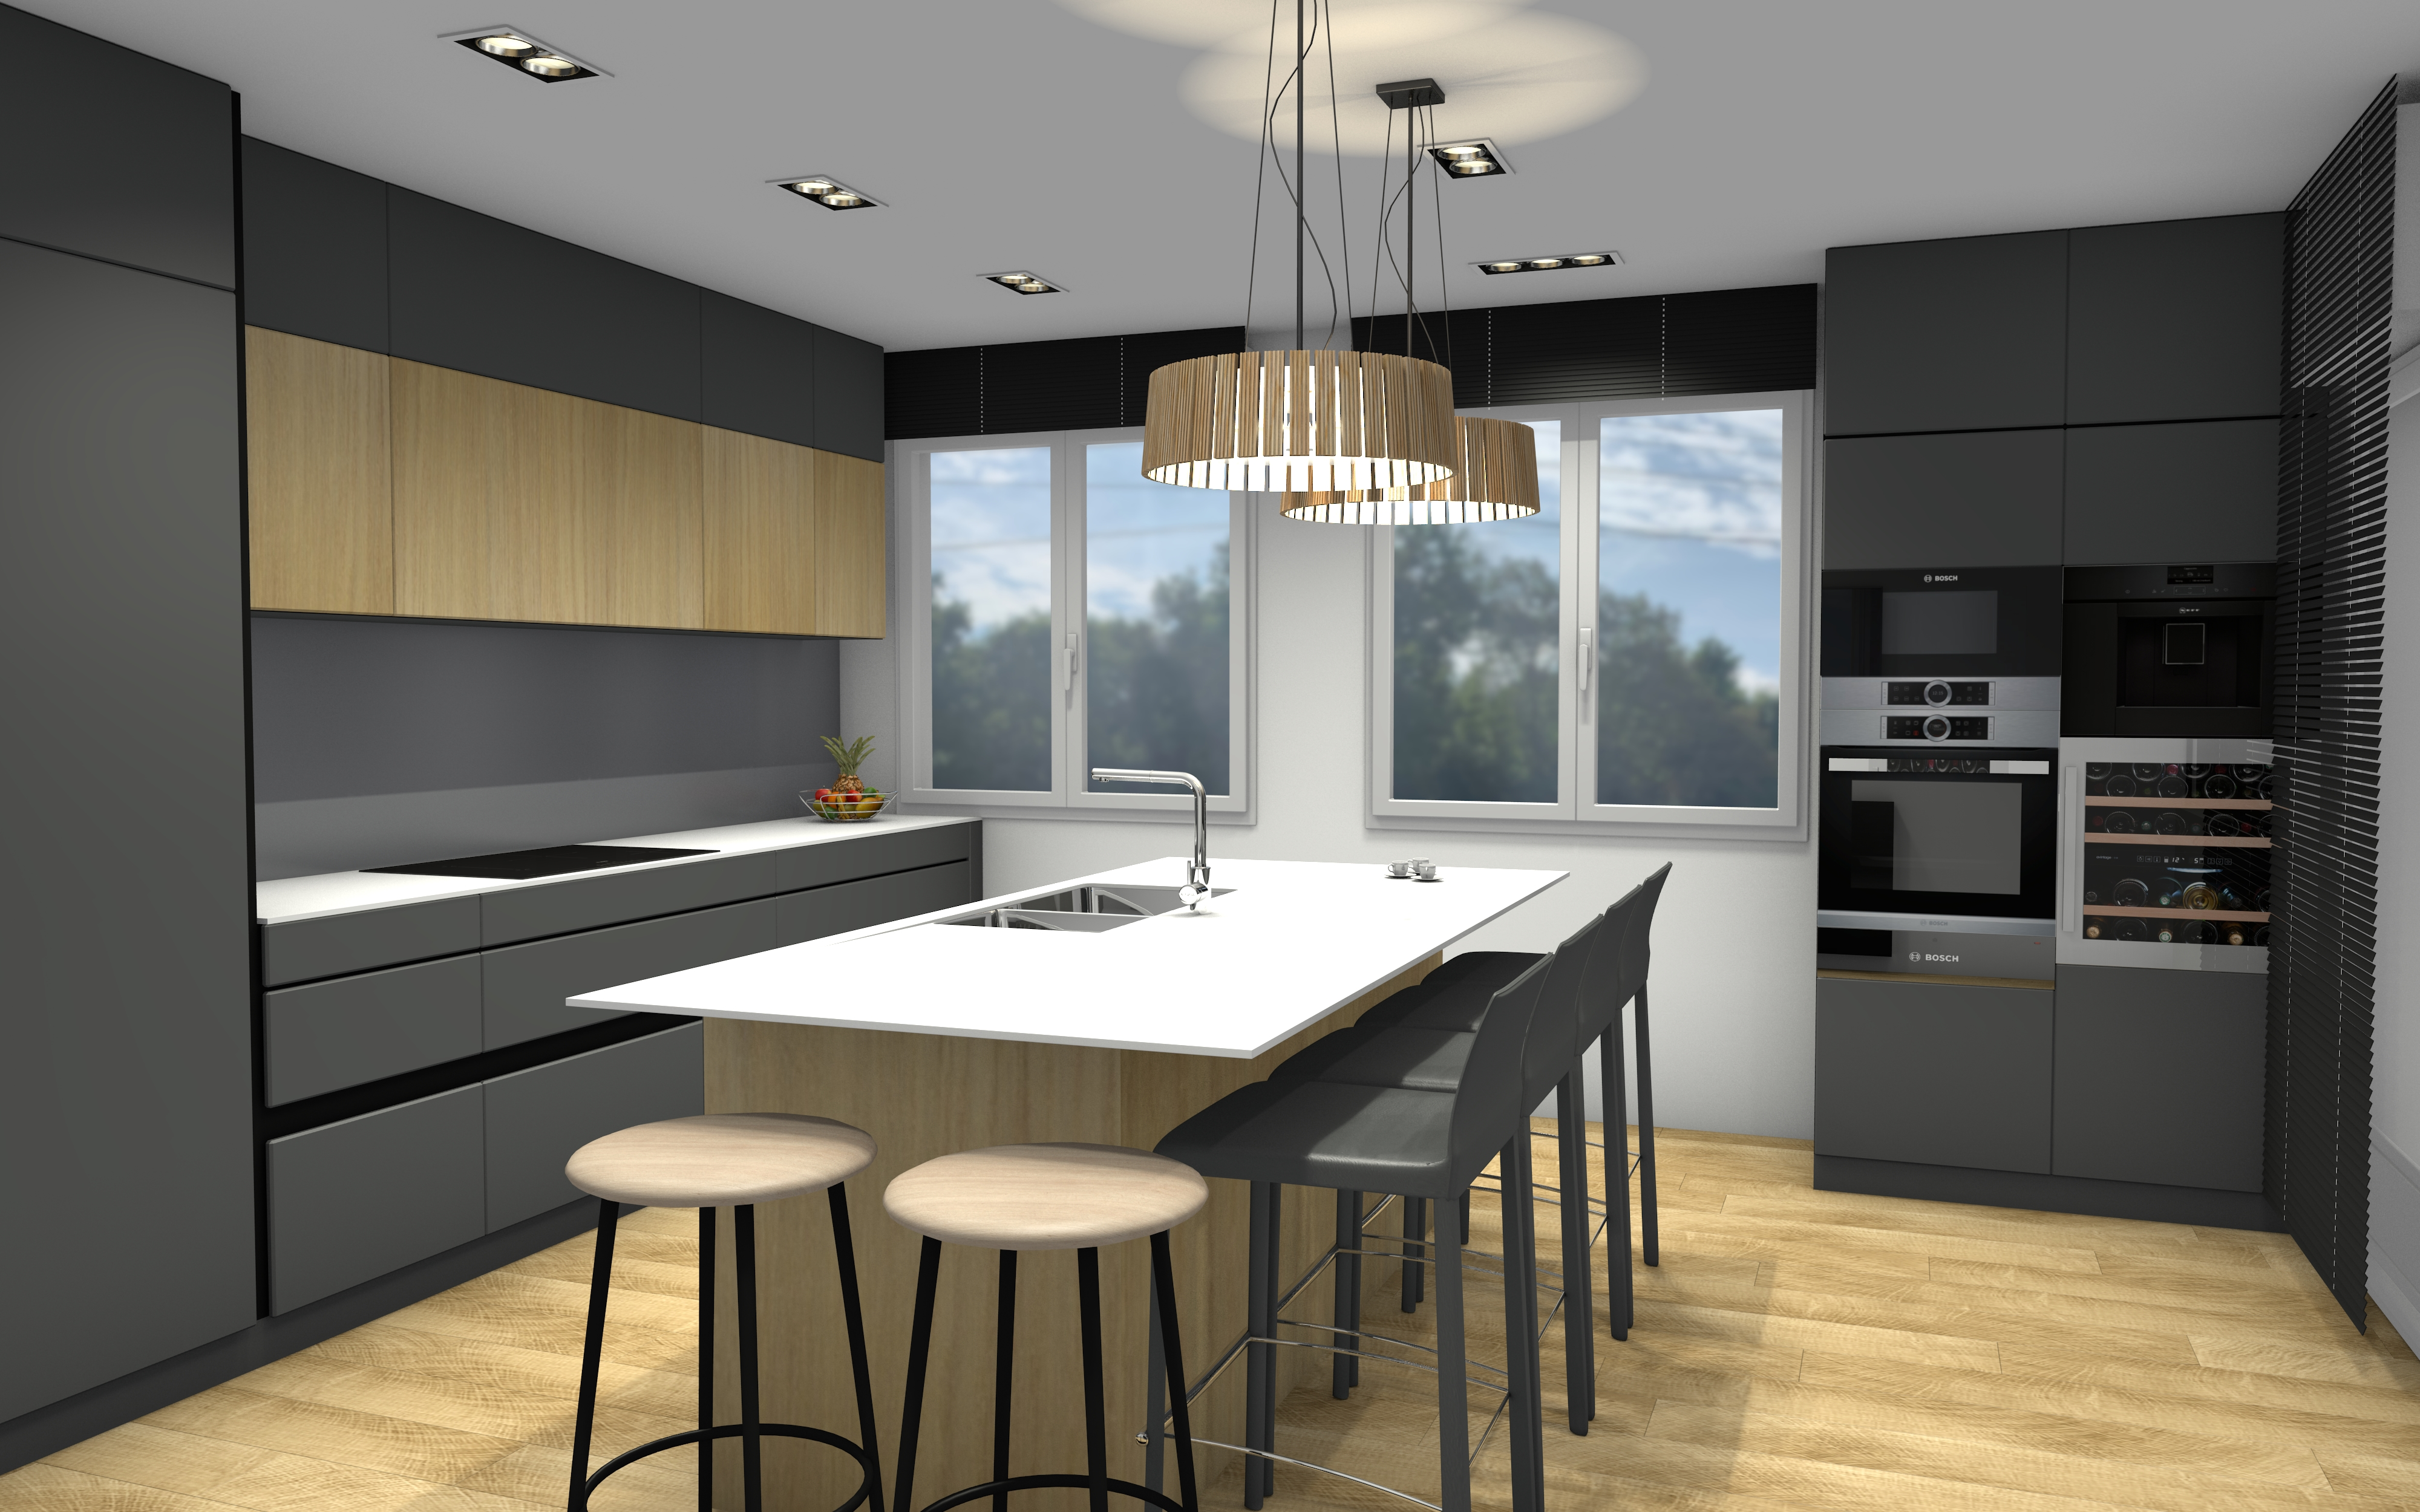 3D Transforamation entres, séjour, cuisine, chambre et salle de bains